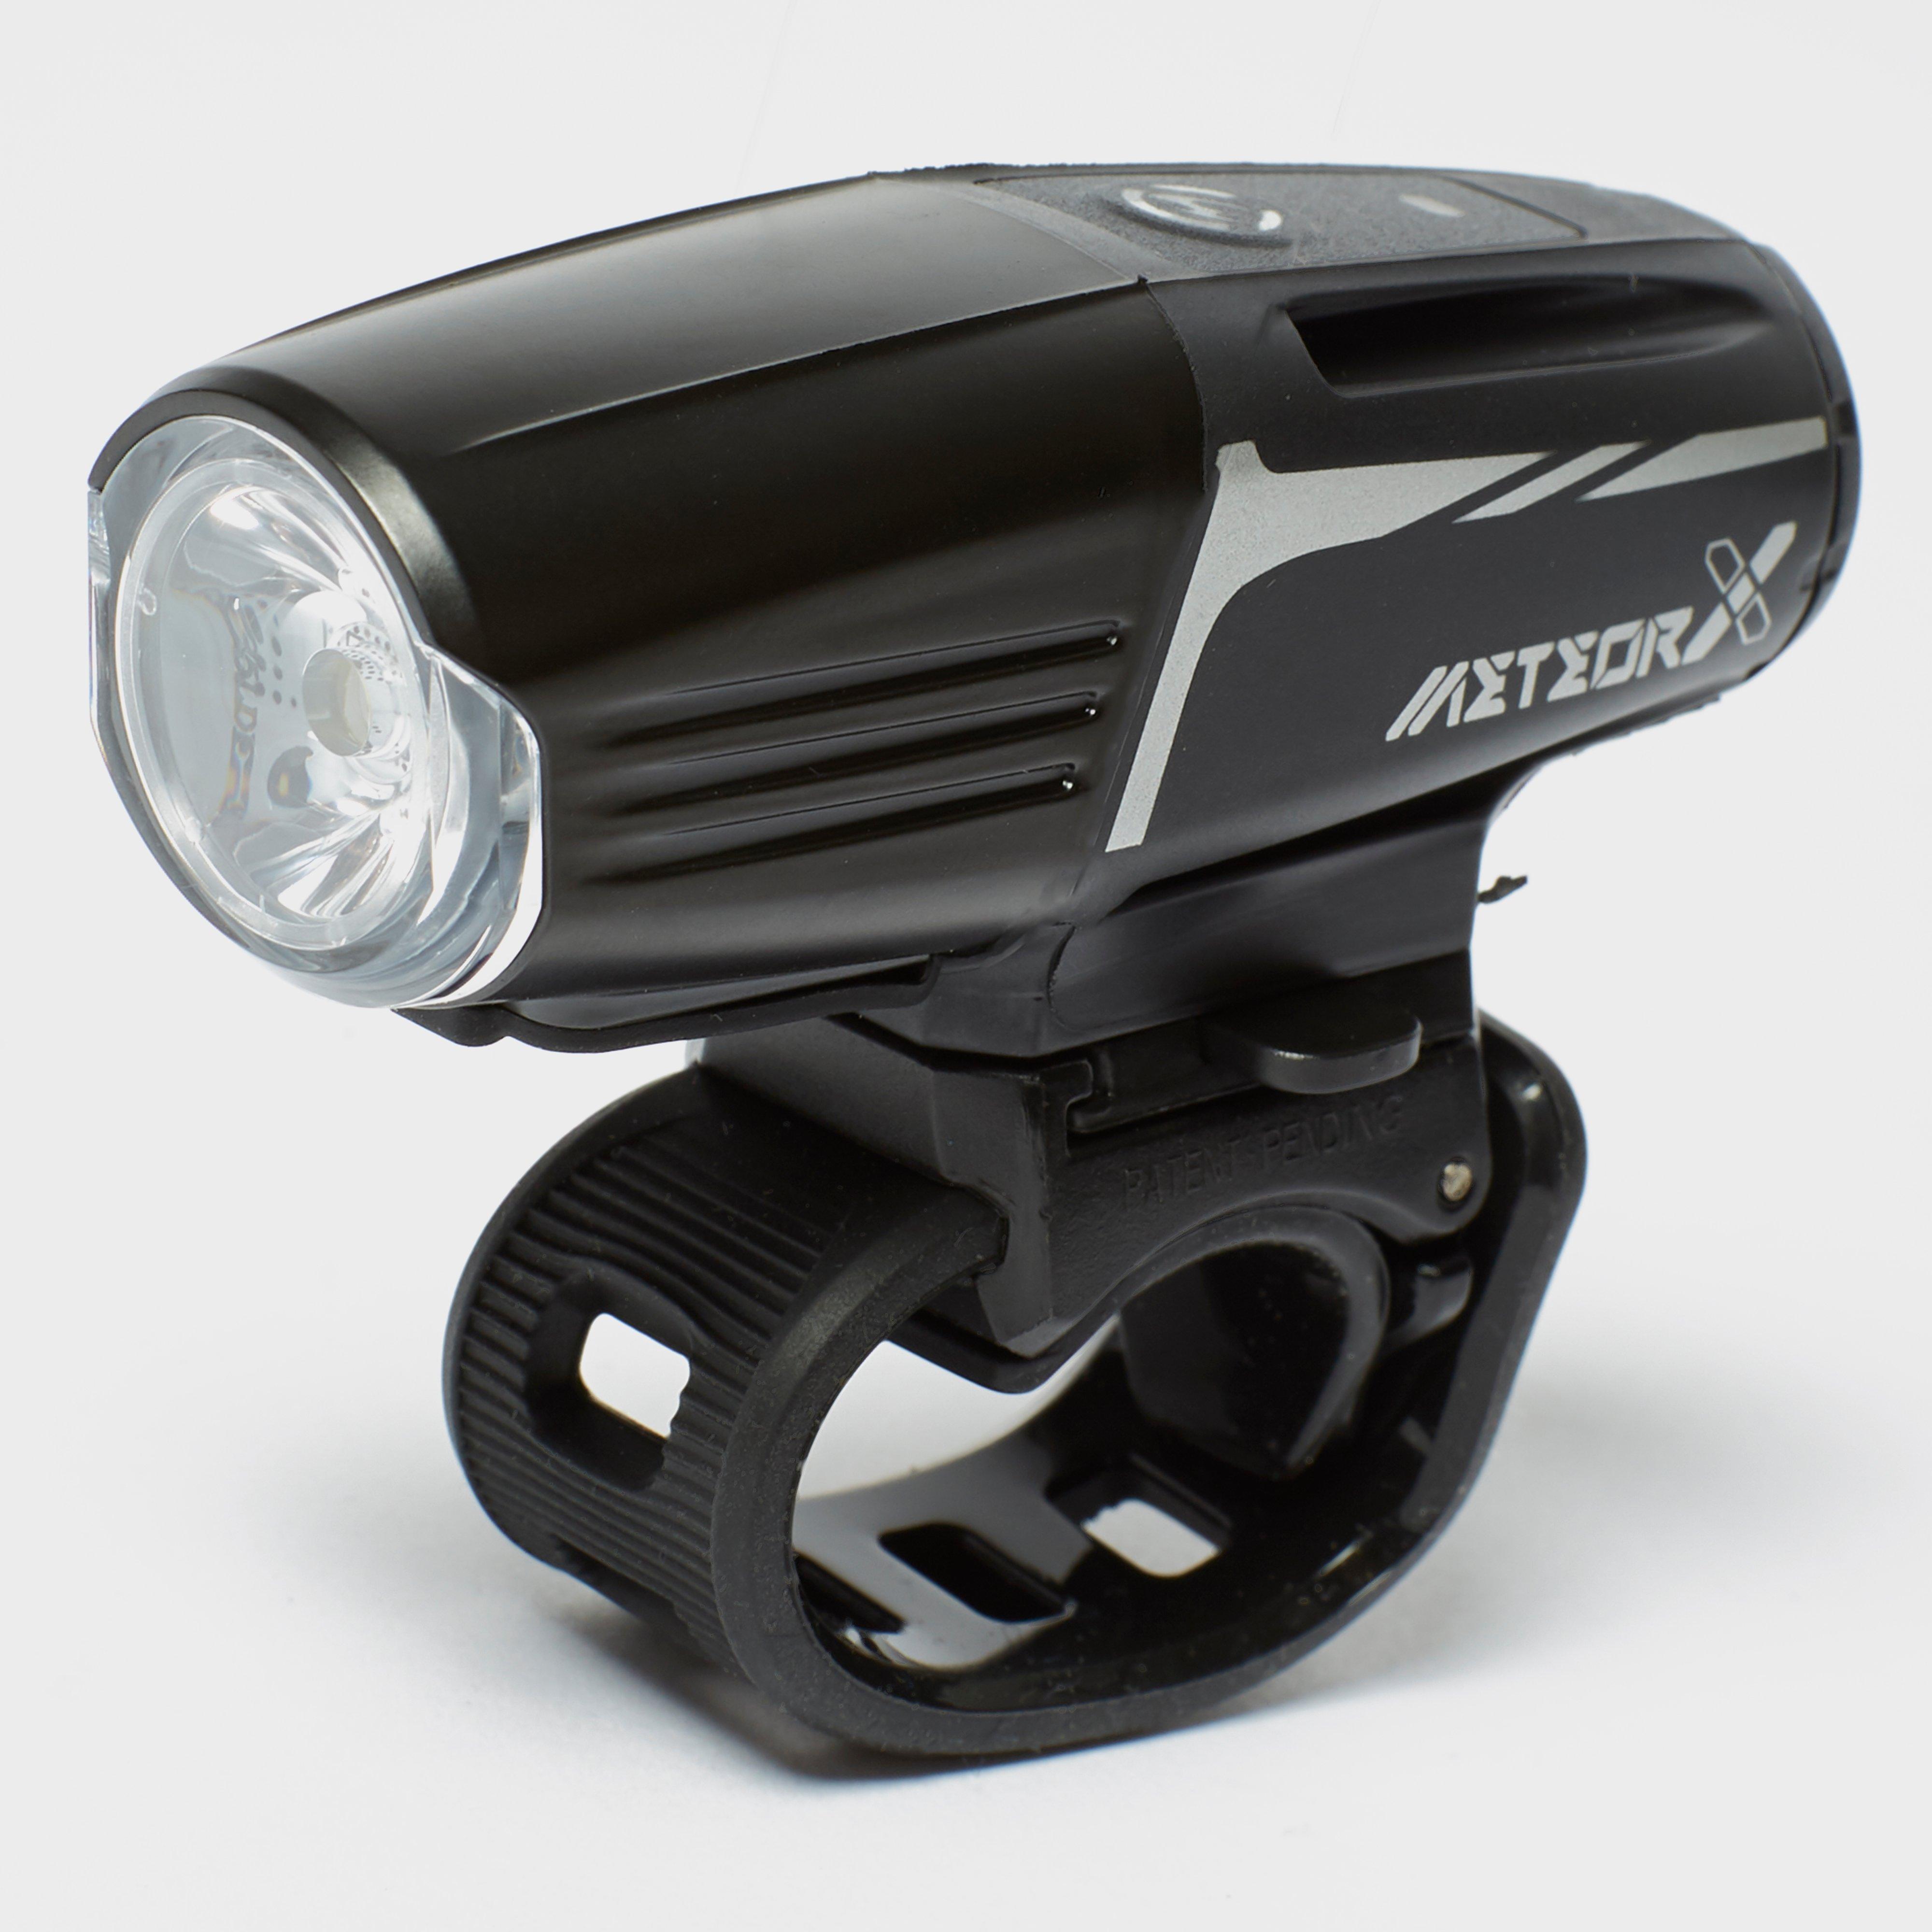 Moonlights Moonlights Meteor X Auto LED Light - Black, Black